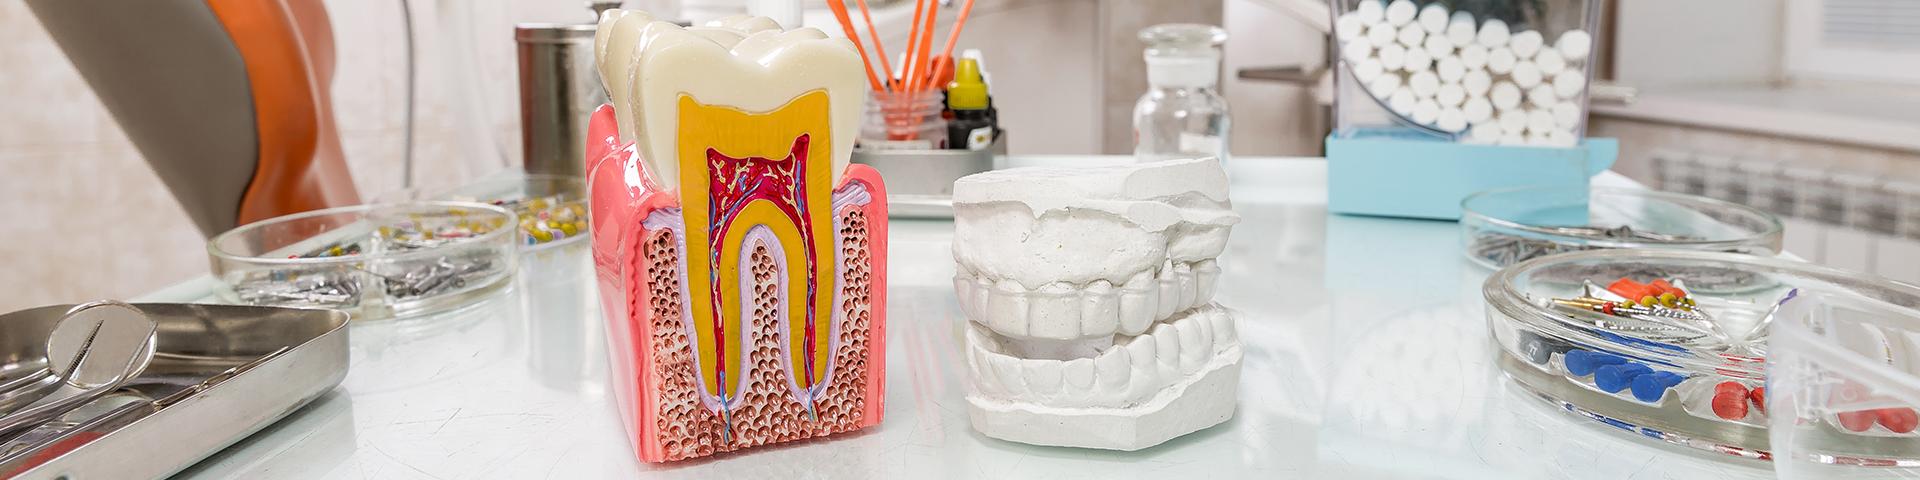 Modell Zahn und Modell Gebiss auf Schreibtisch in Zahnarztpraxis